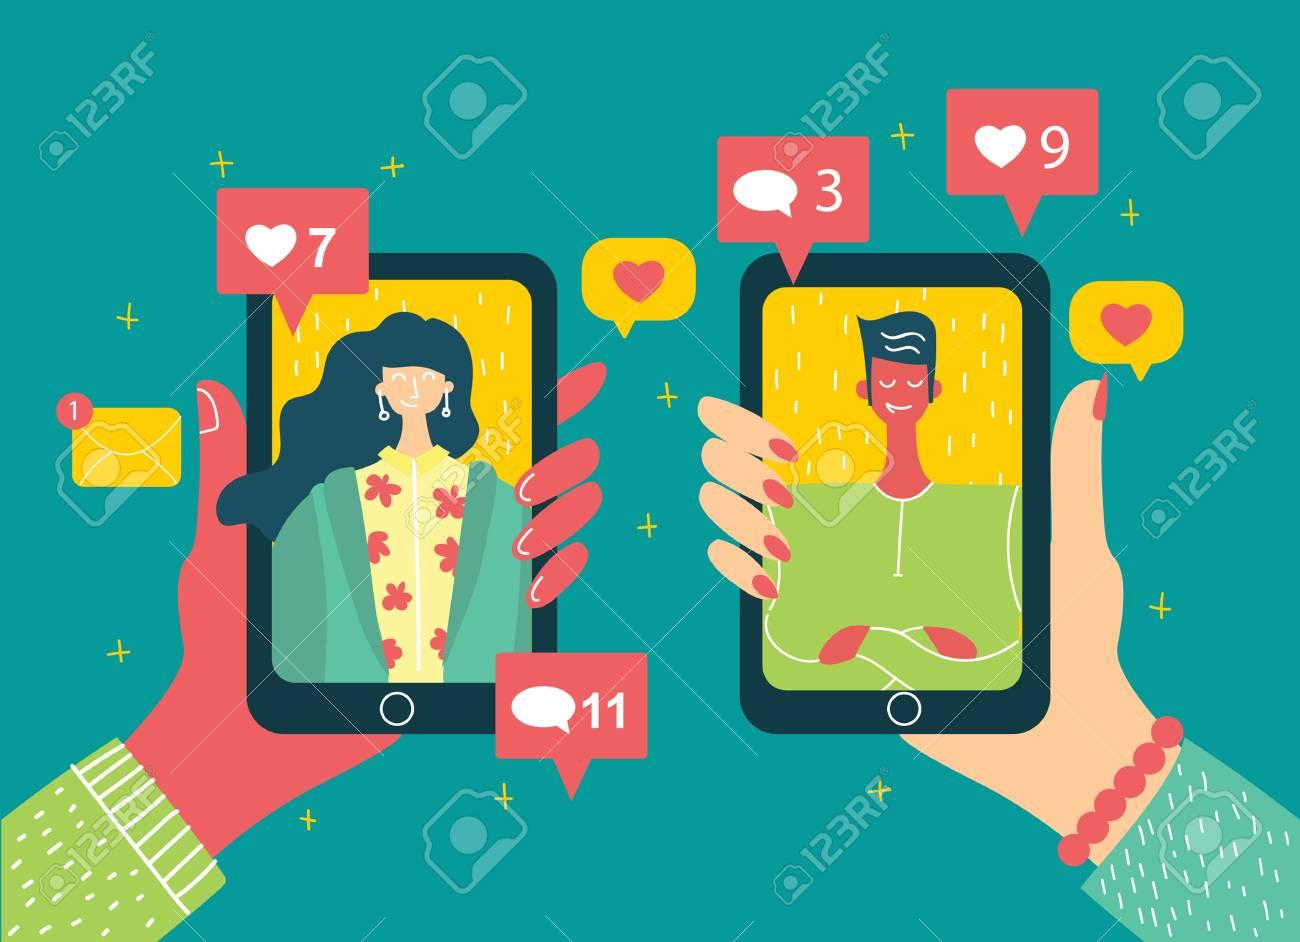 vrouw verslaafd aan online dating